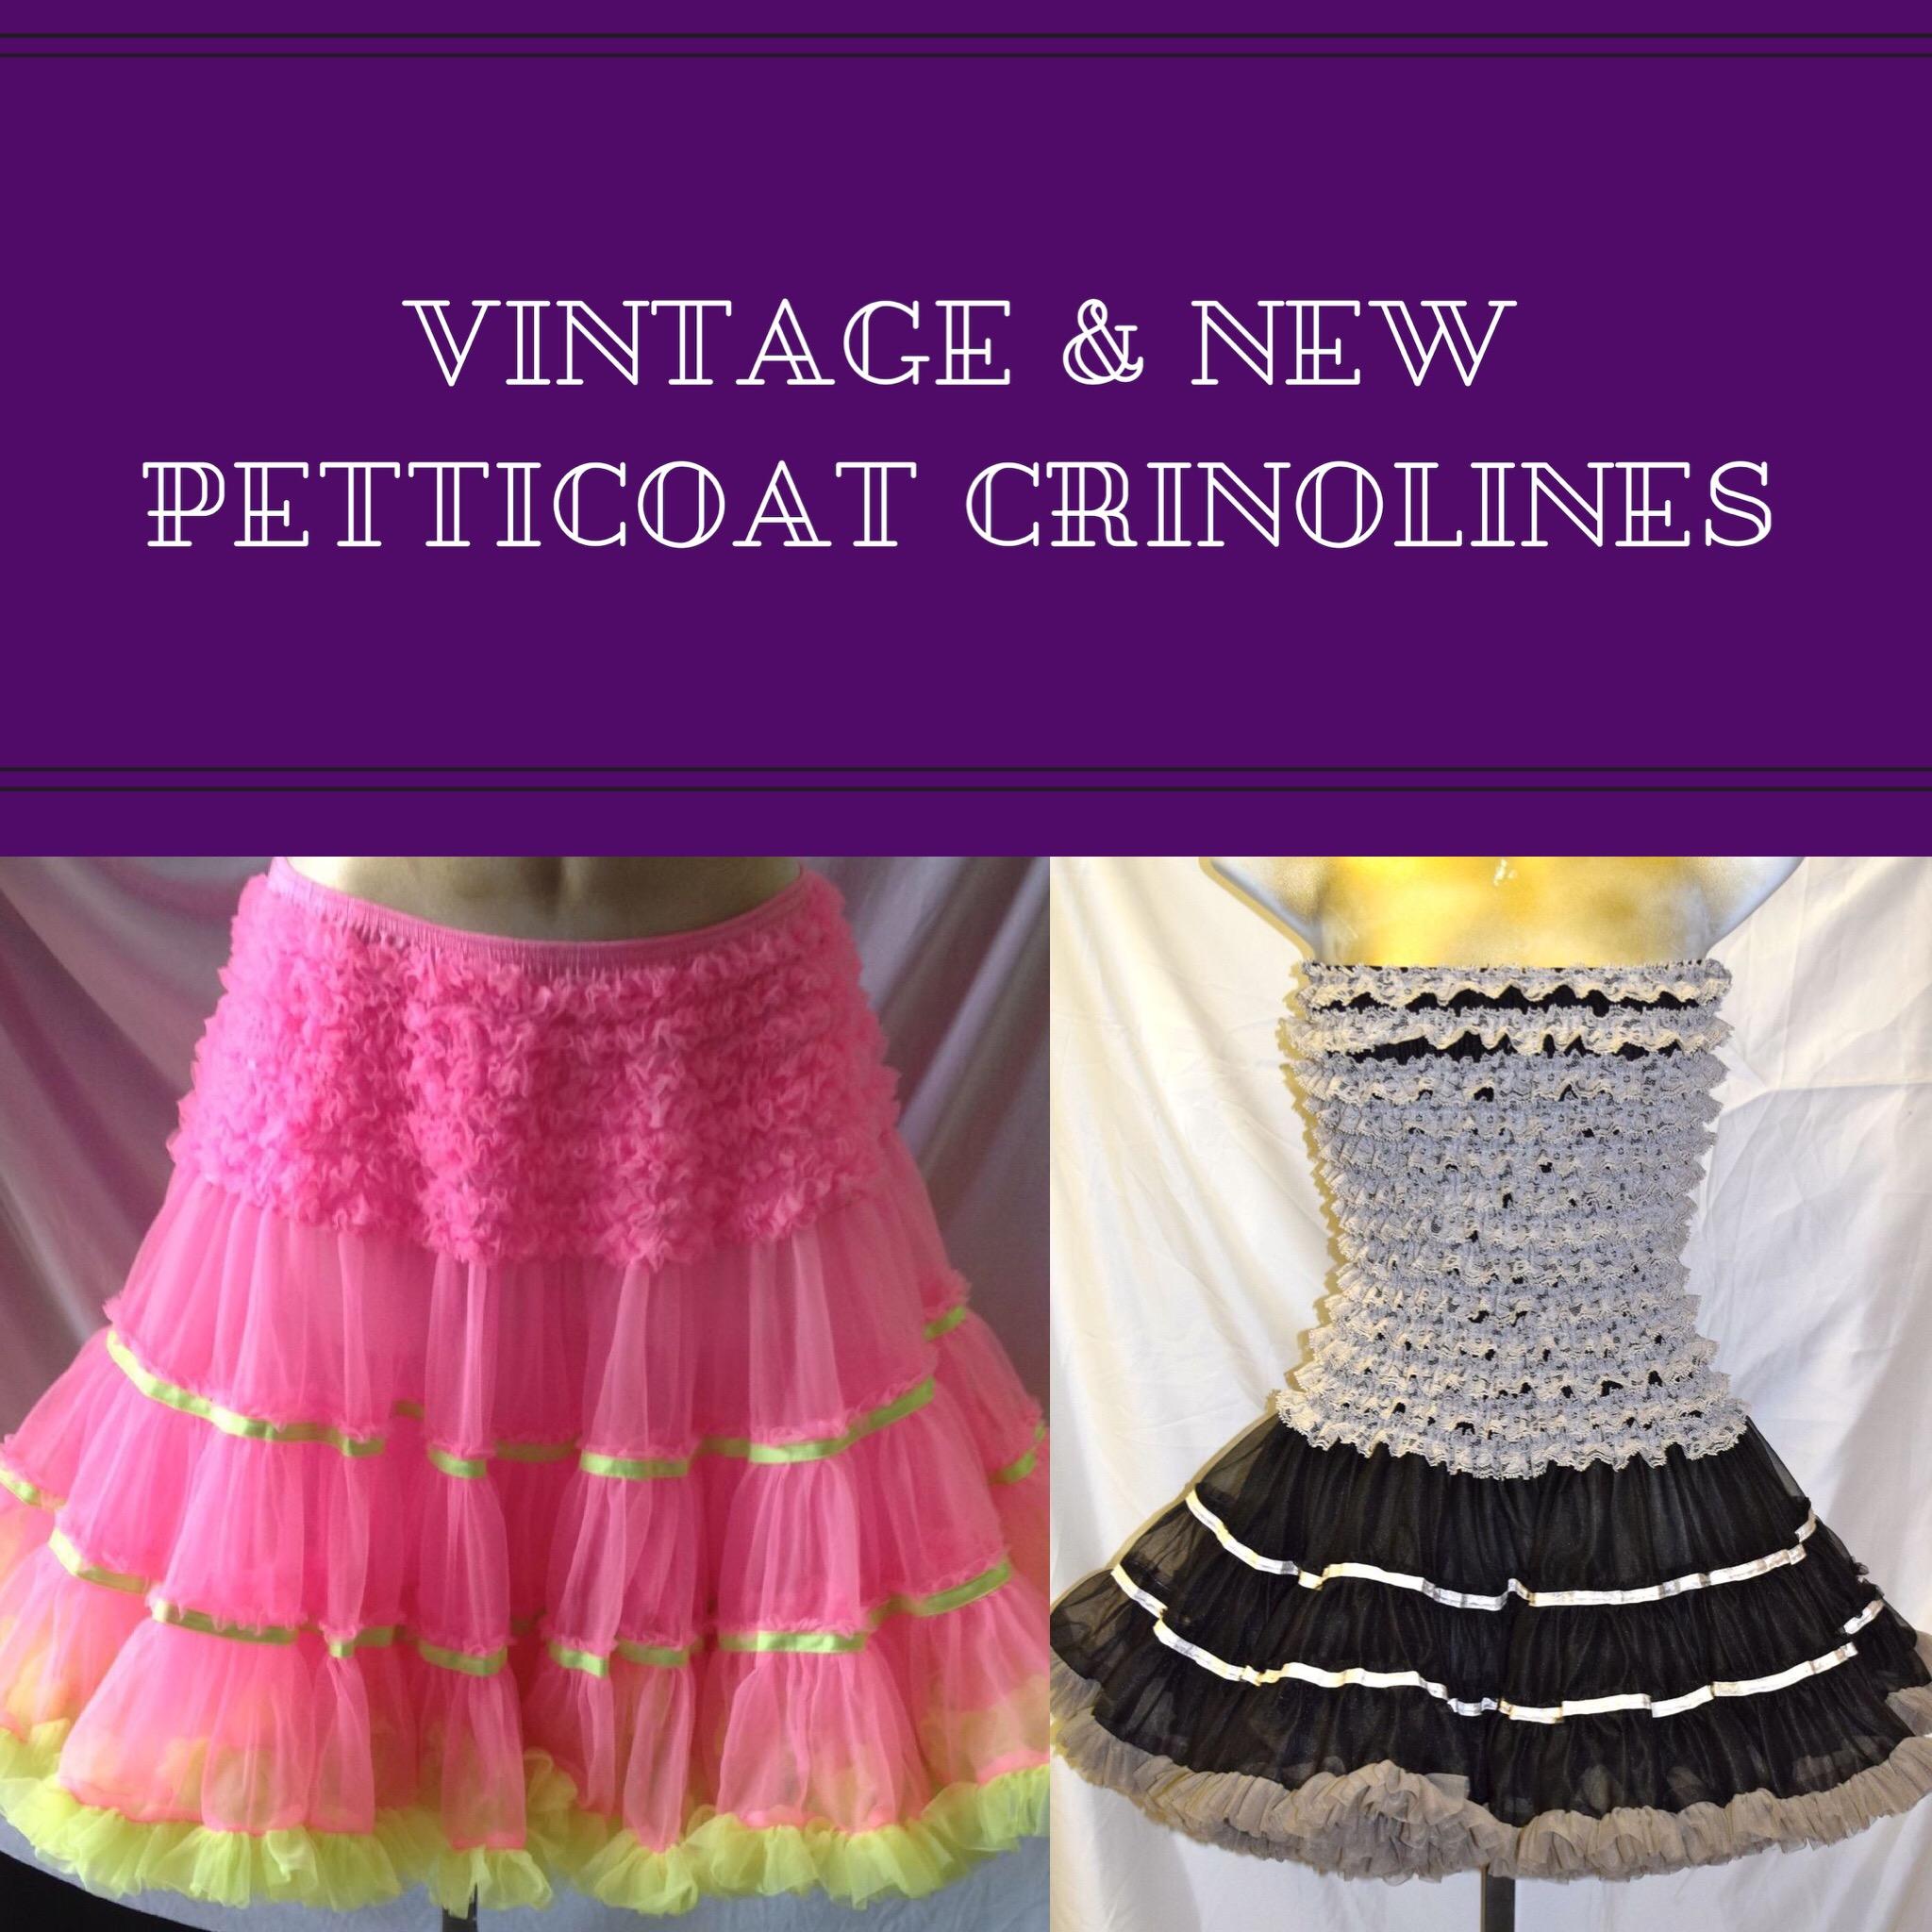 Petticoat Crinolines